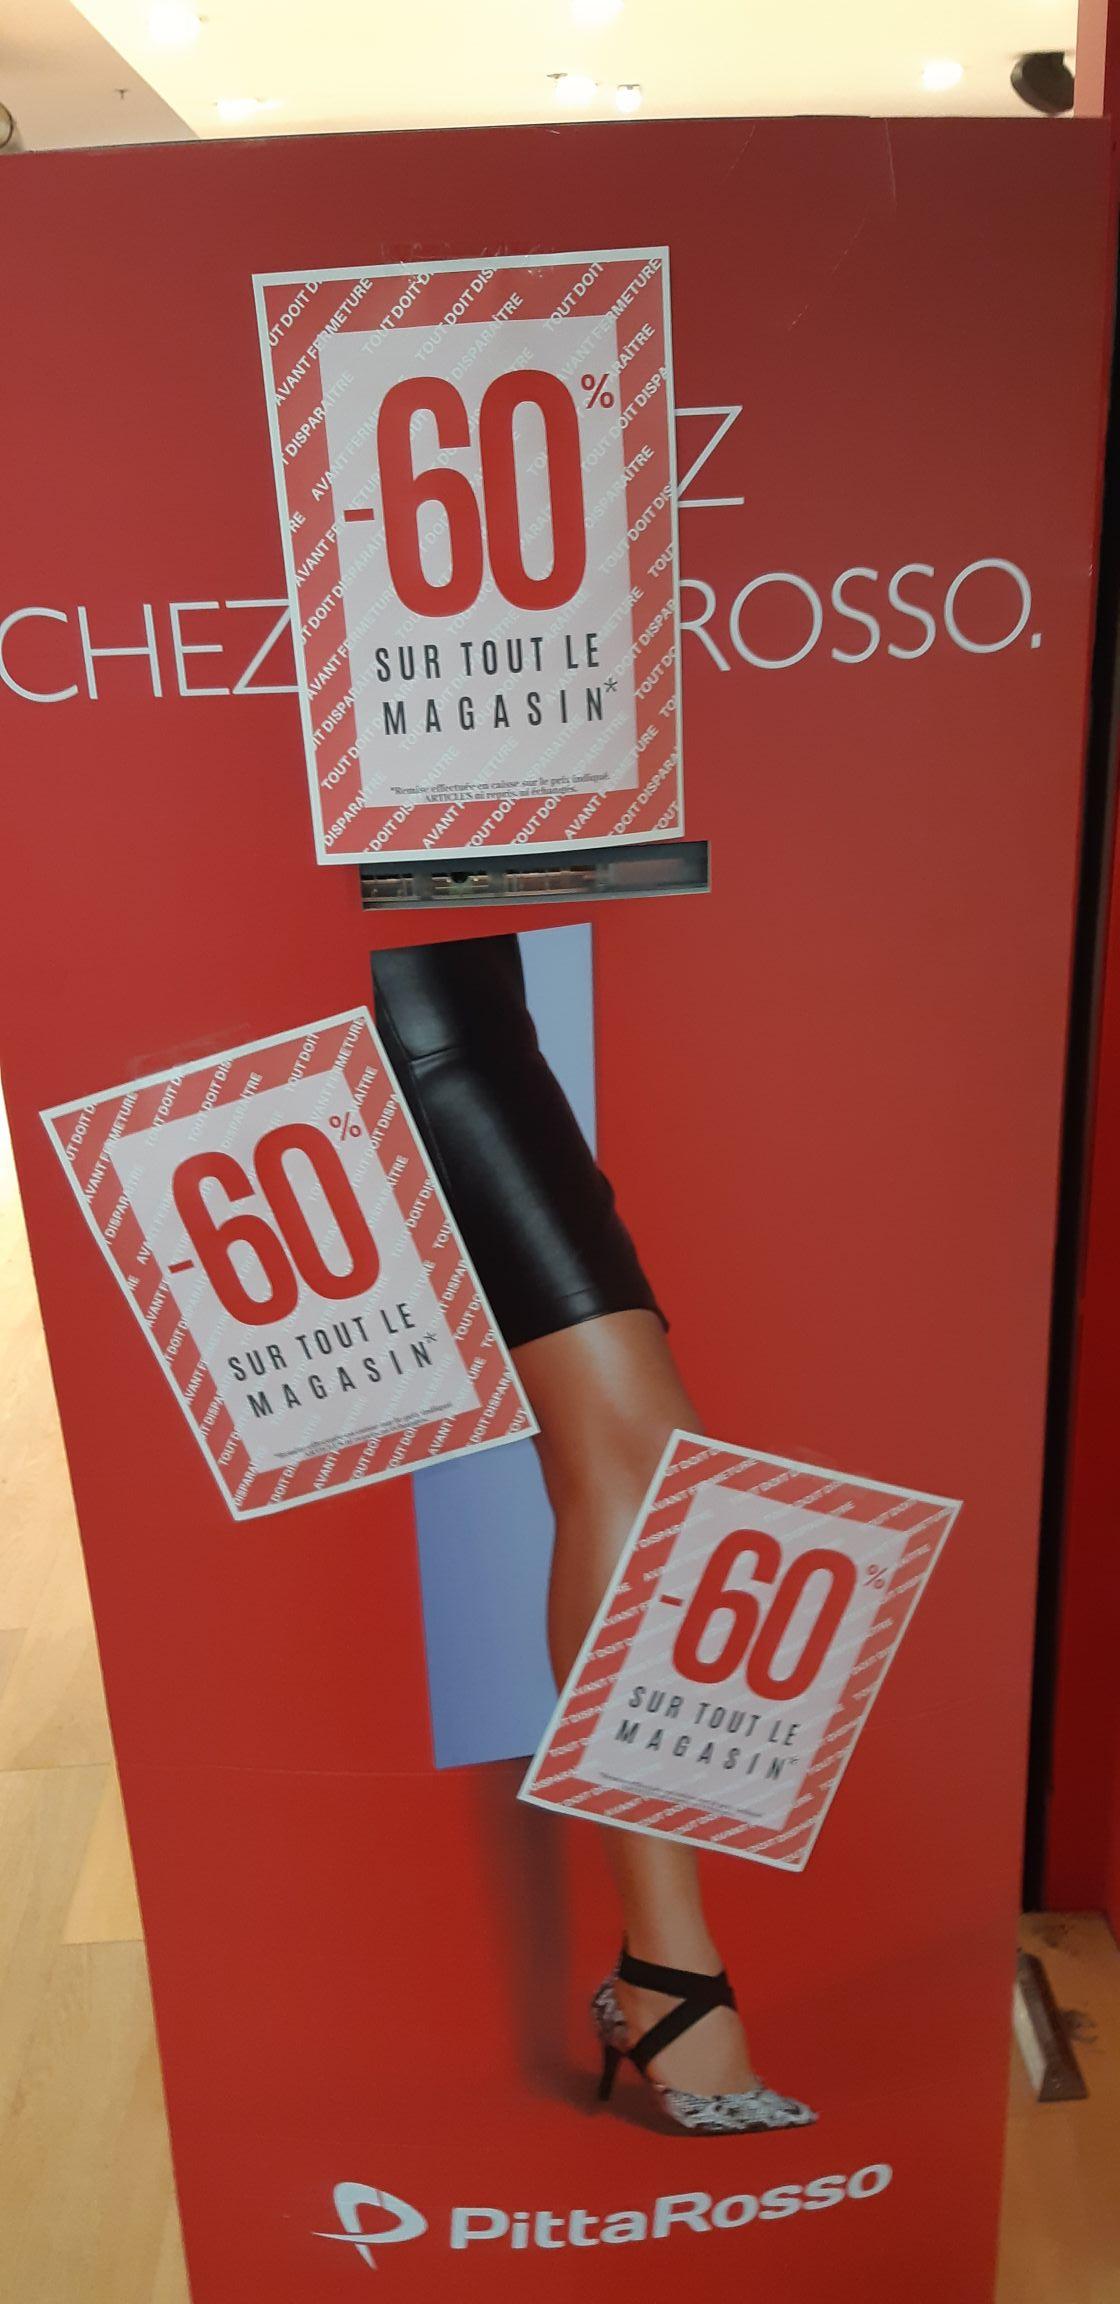 Jusqu'à 60% de réduction sur tout le magasin - PittaRosso (Muse 57 / CC Saint-Sébastien 54)